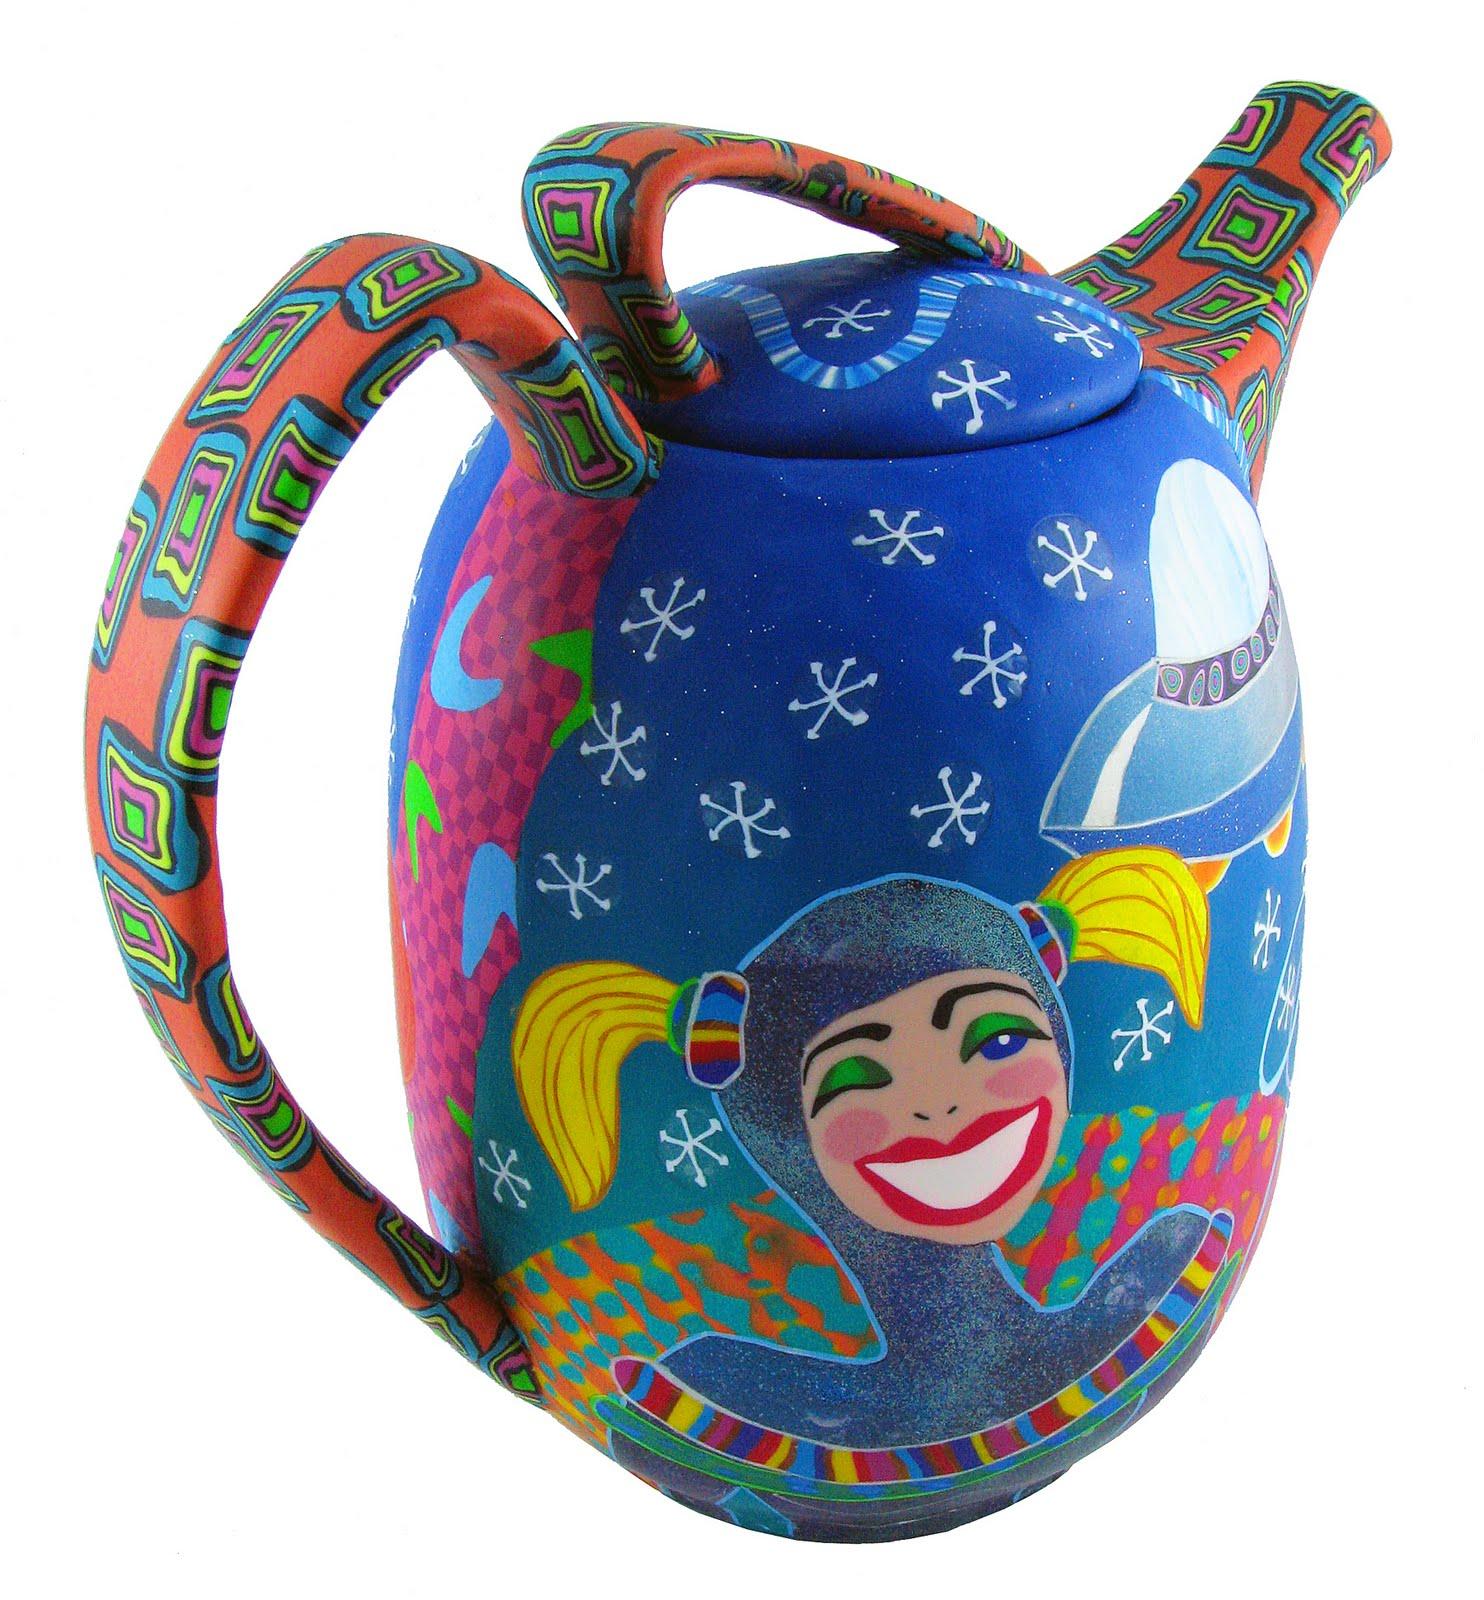 Wanda Shum Design 2010 Teapot Finally